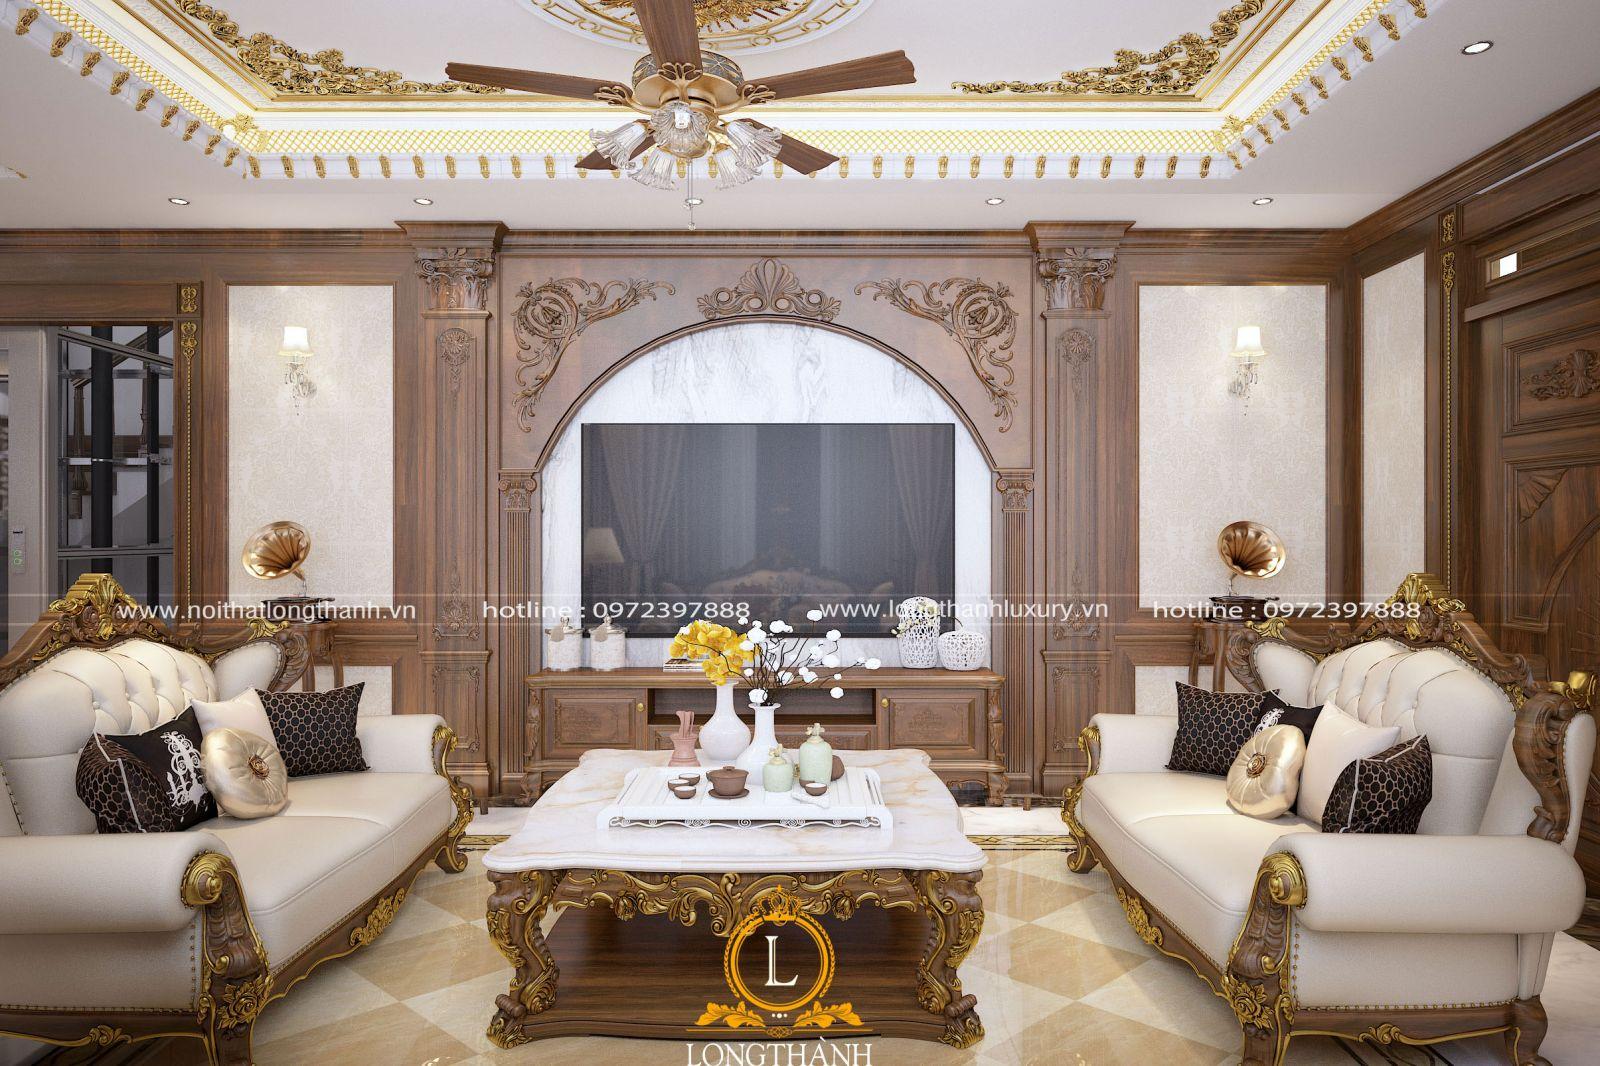 Phòng khách đẹp với bộ sofa mang phong cách tân cổ điển